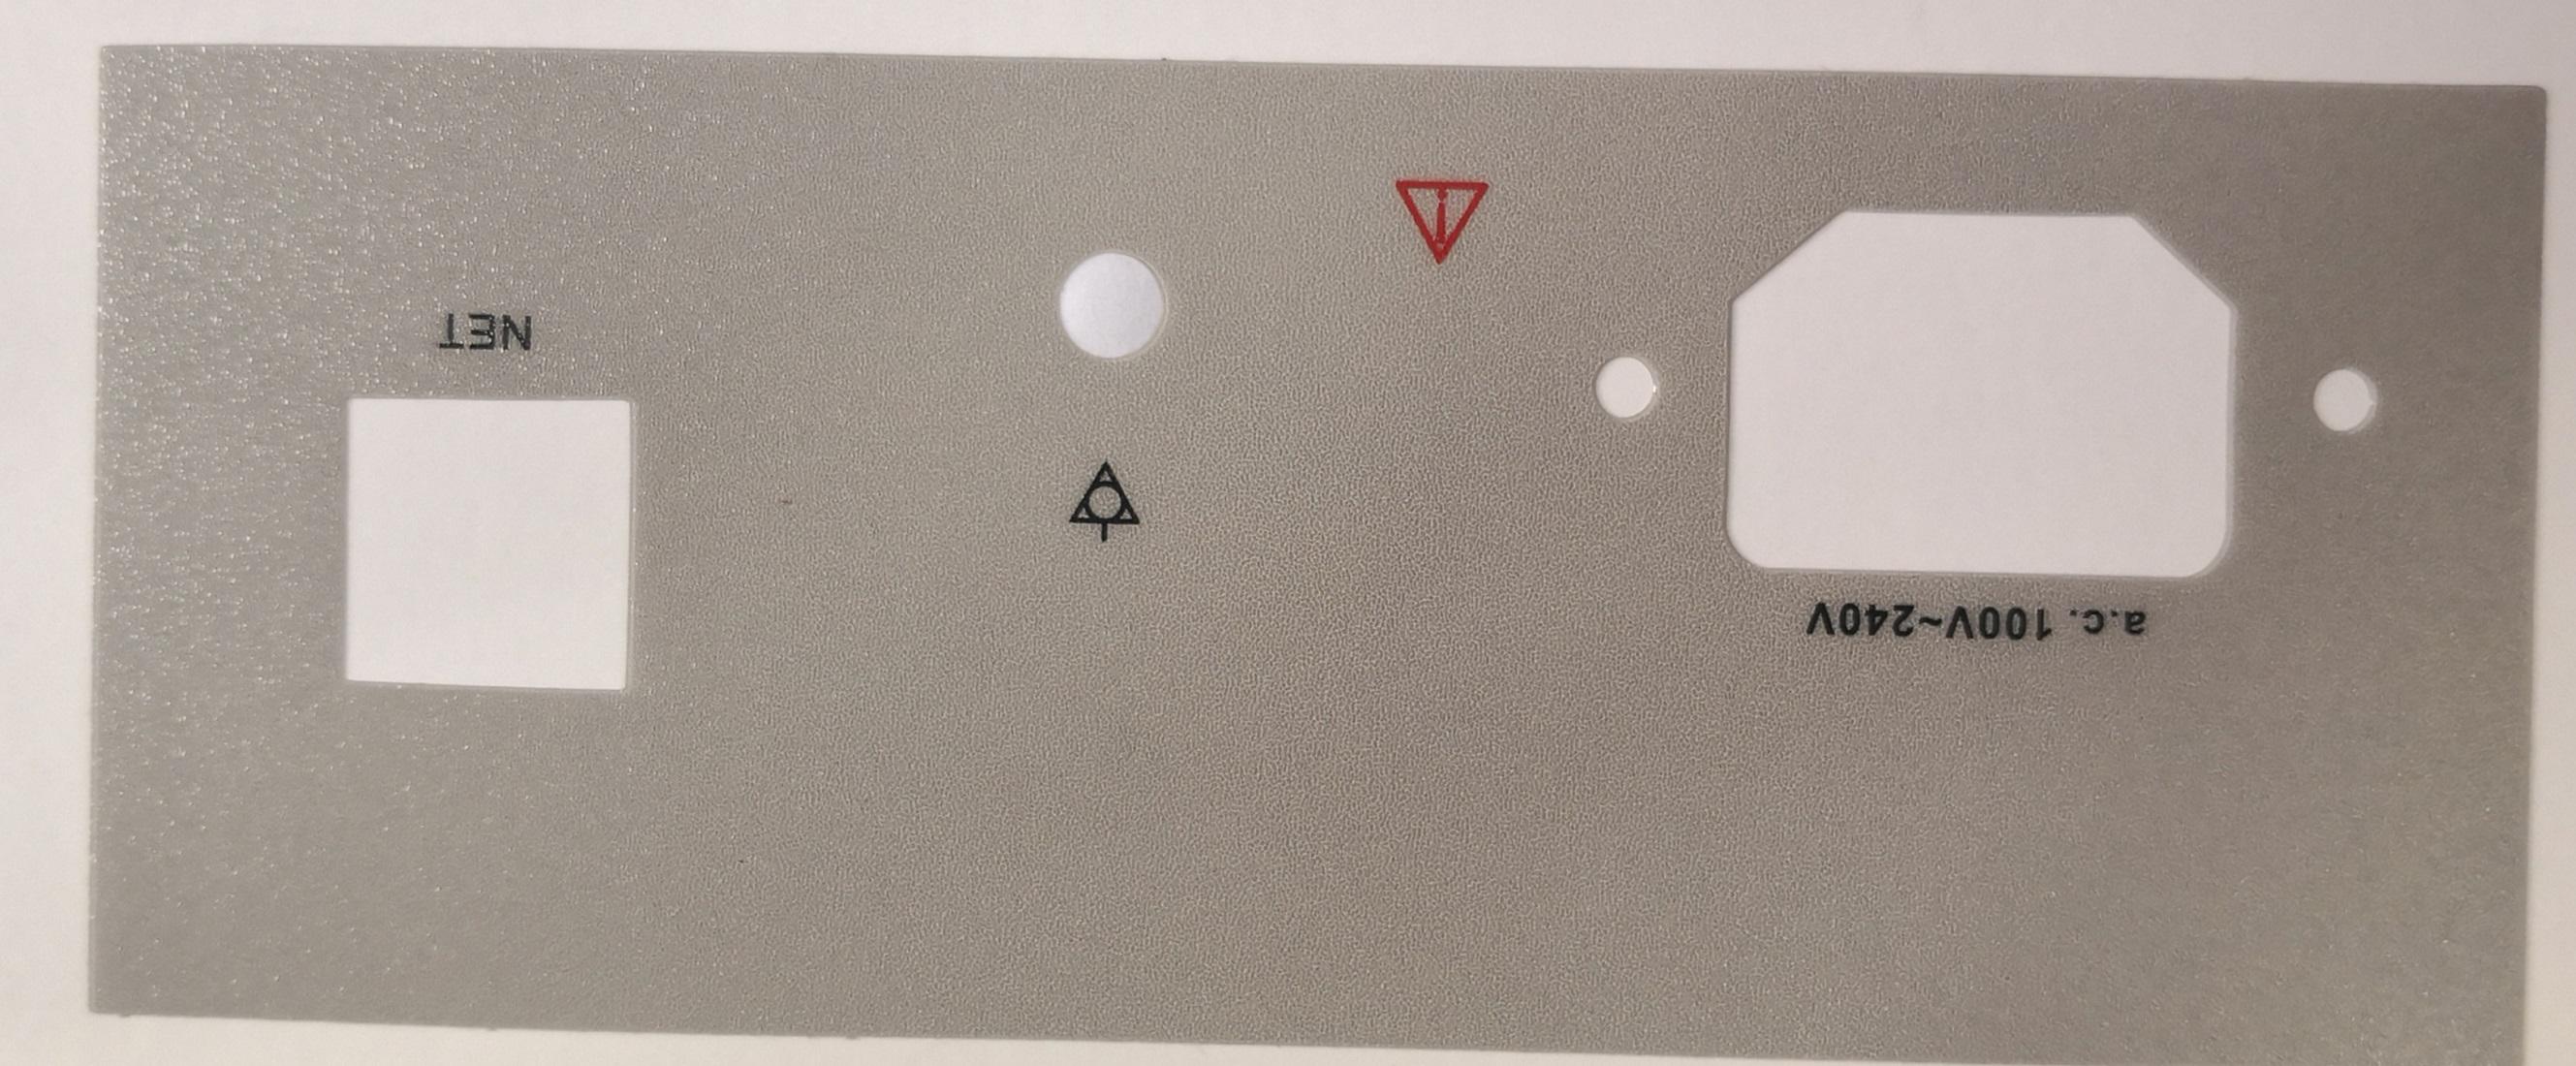 透明磨砂塑片PVC不干胶印刷防水二维码桌贴打印可以选择3M胶长春